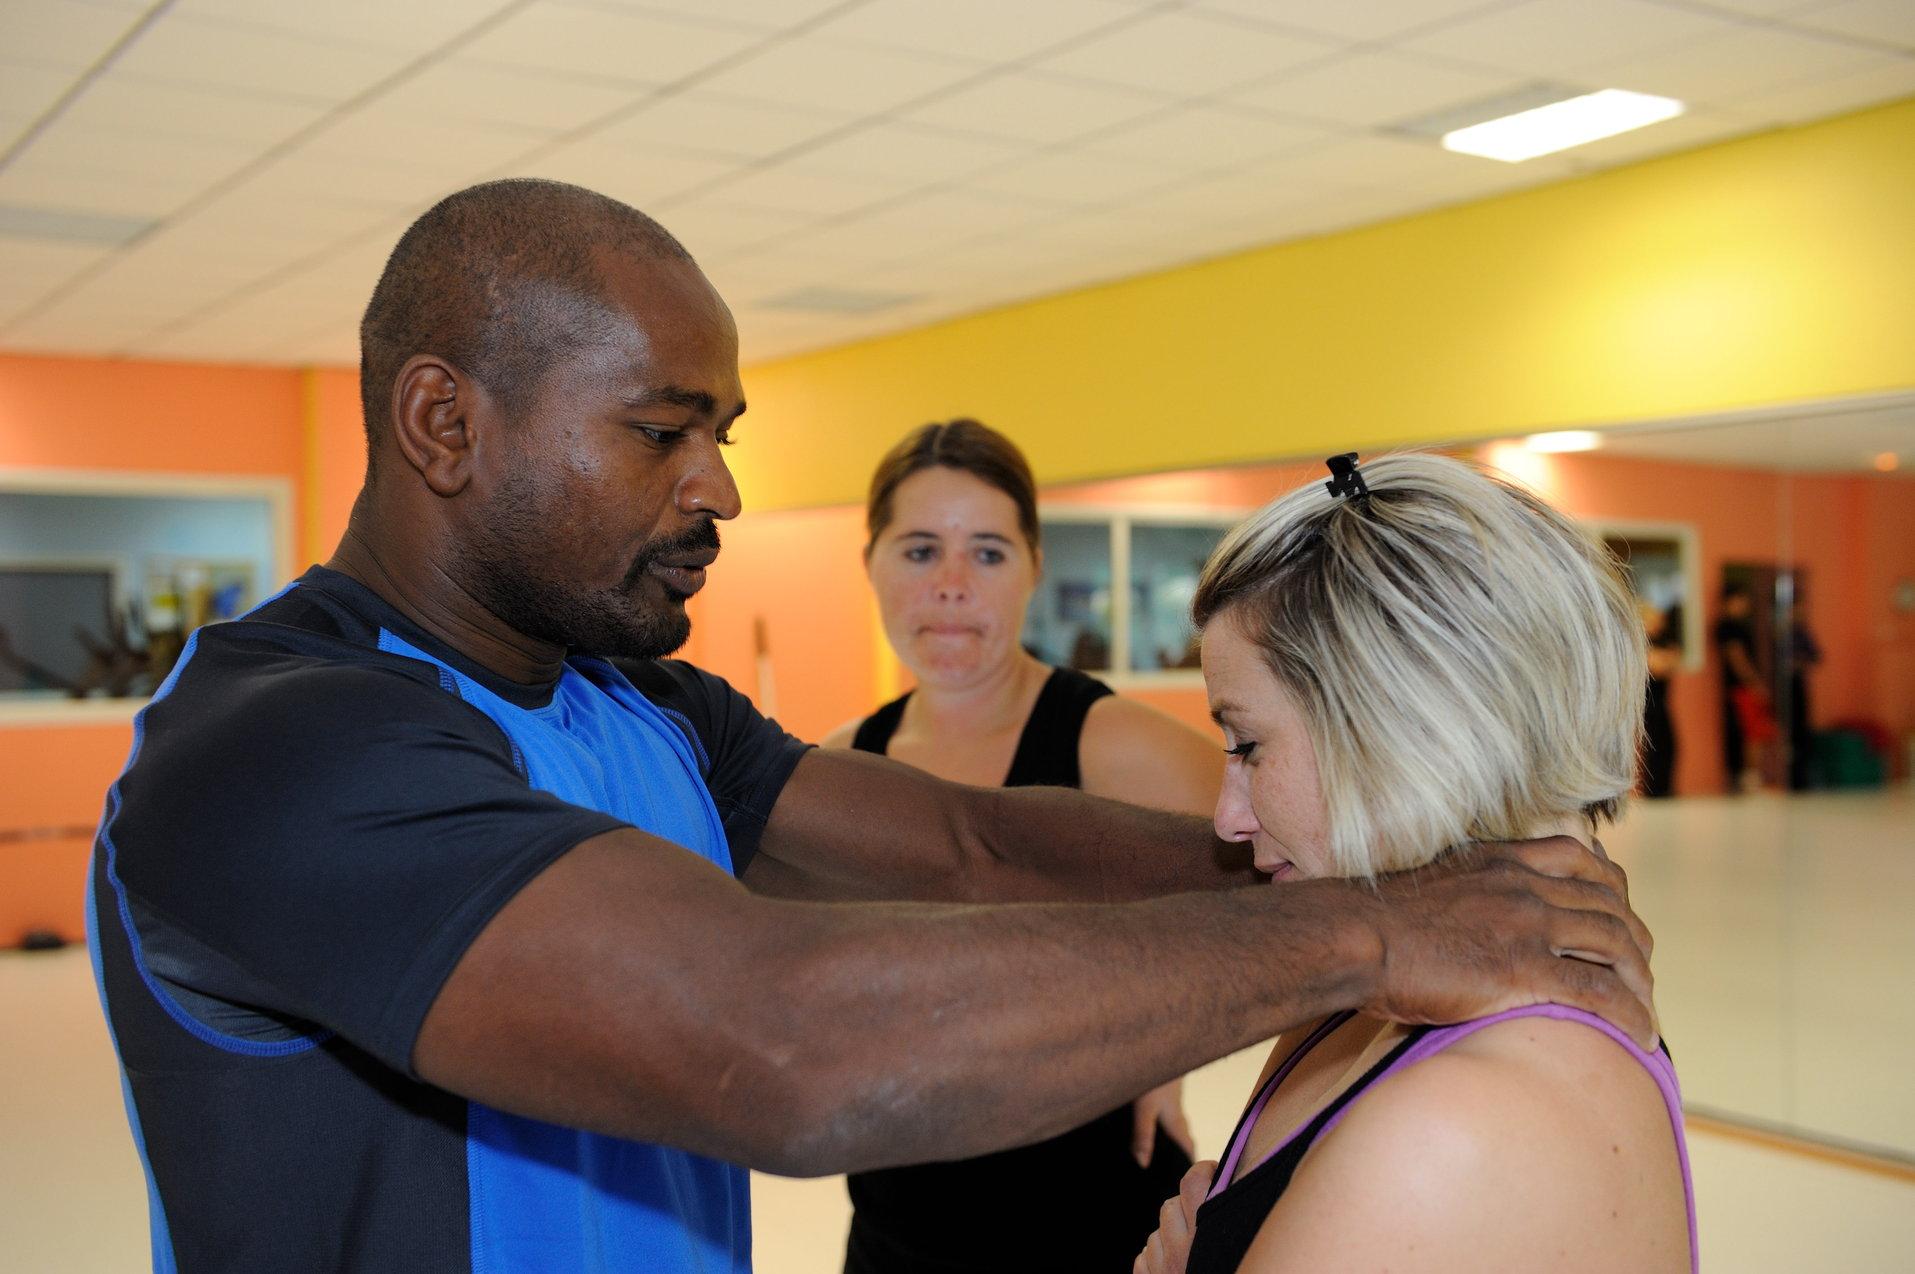 Cours-Fitness-Studio-5